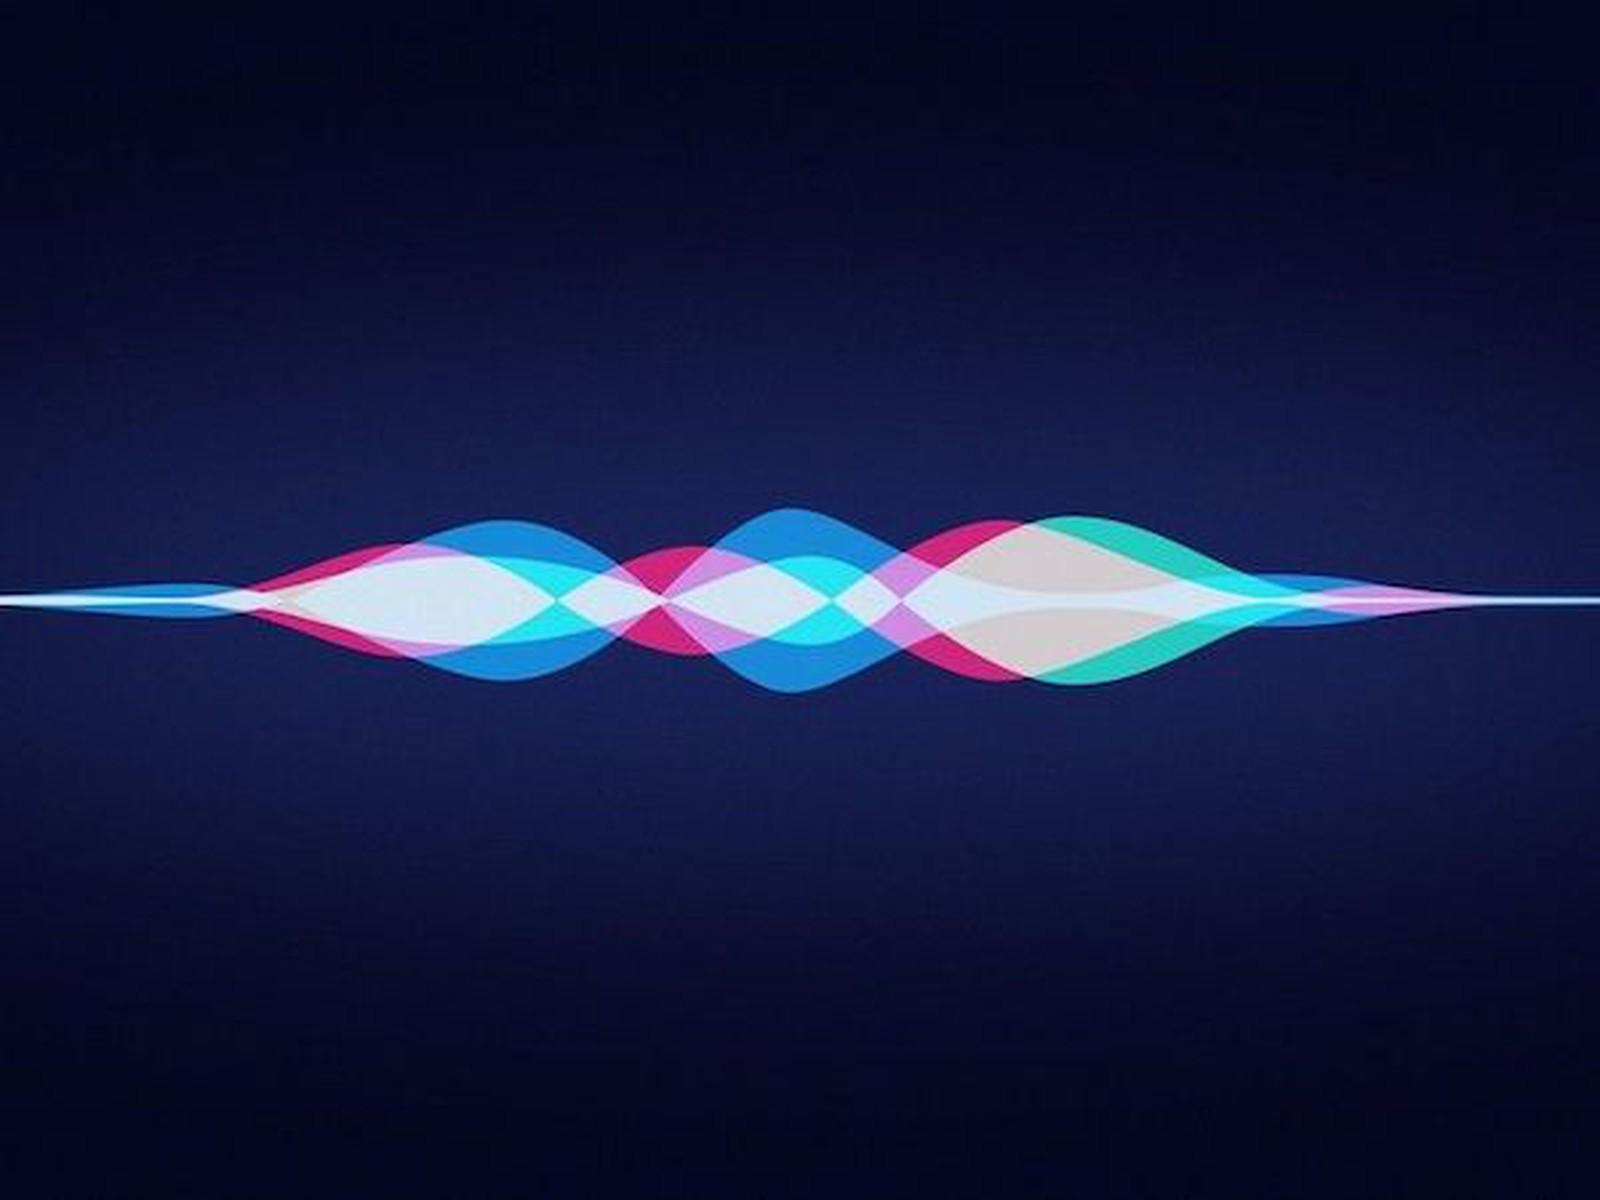 Apple odkoupil další AI startup pro zlepšení Siri